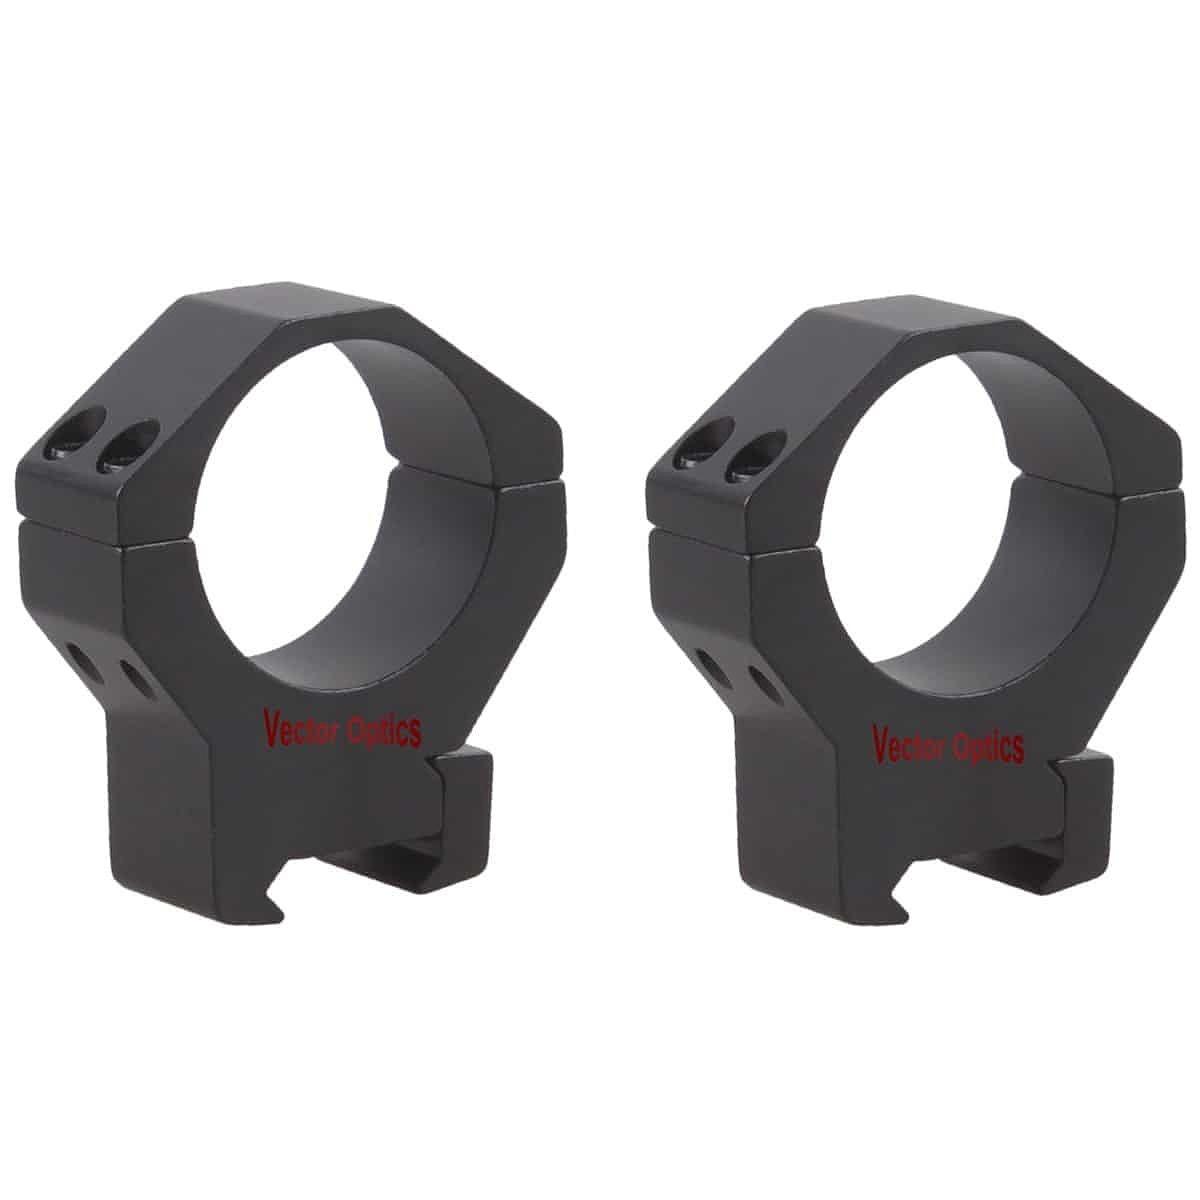 【お届け予定日: 5月30日】ベクターオプティクス スコープマウント 35mm Medium ProfilePicatinny Rings  Vector Optics SCTM-06A